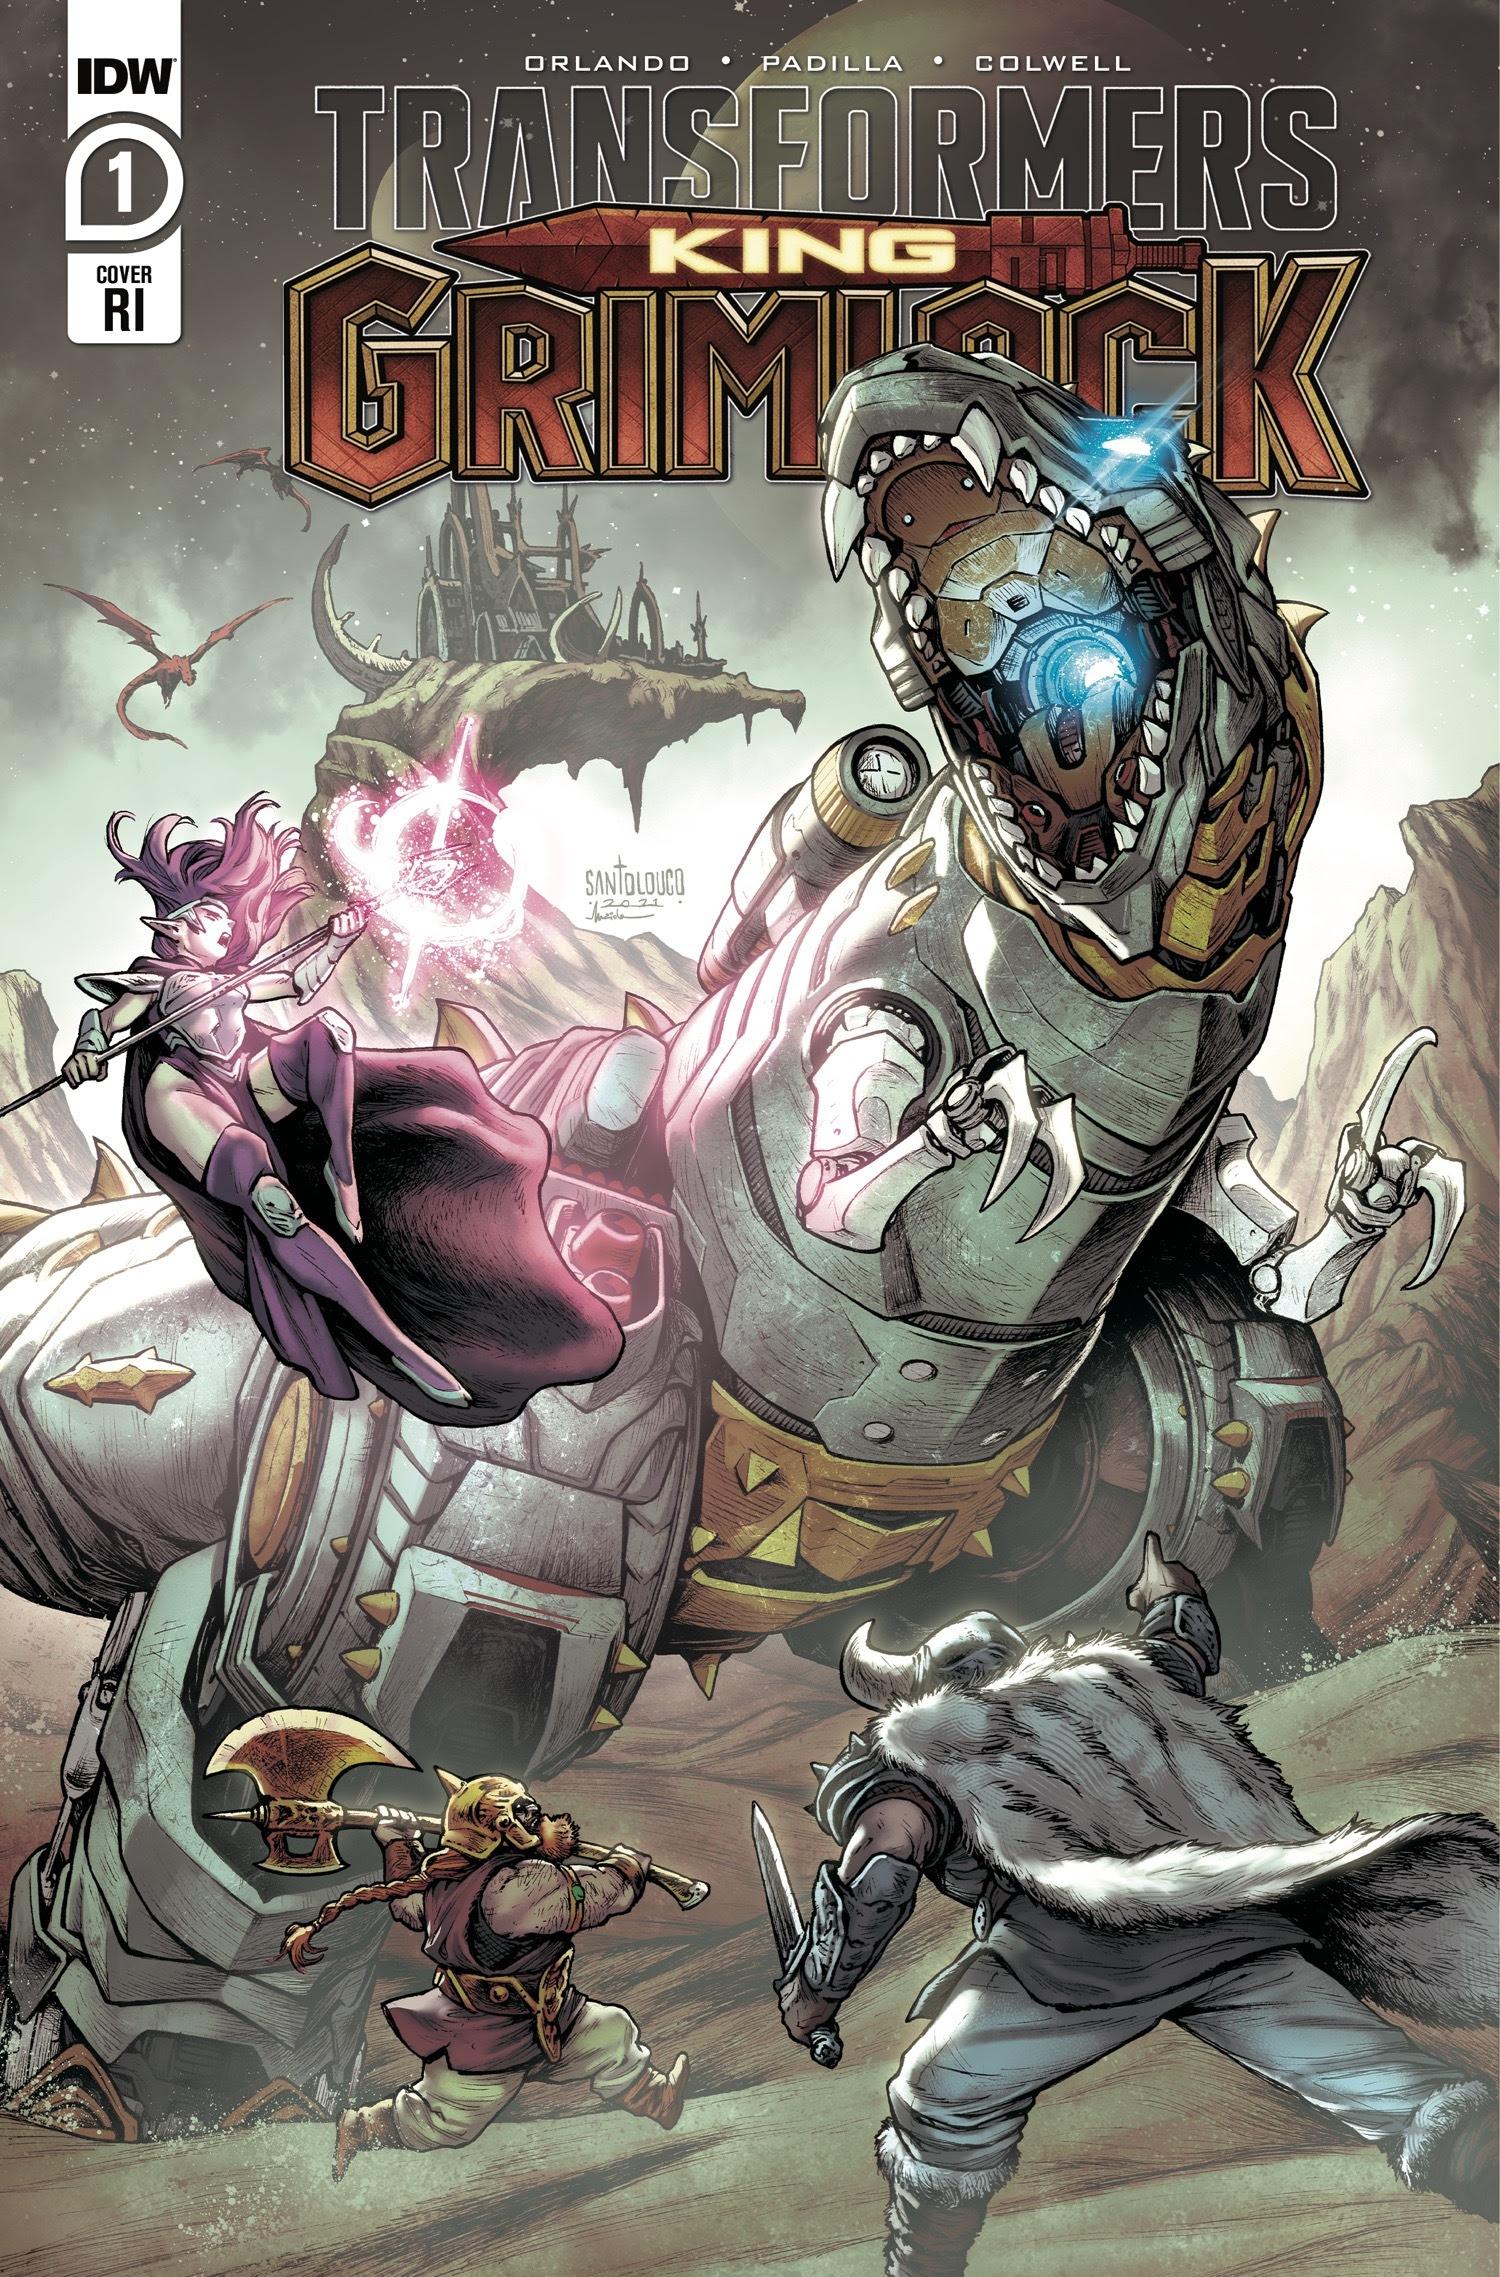 Grimlock, cet adorable (et terrifiant) robot spatial transformateur T-rex, jouera dans sa propre mini-série de bandes dessinées Transformers pour l'été 2021.